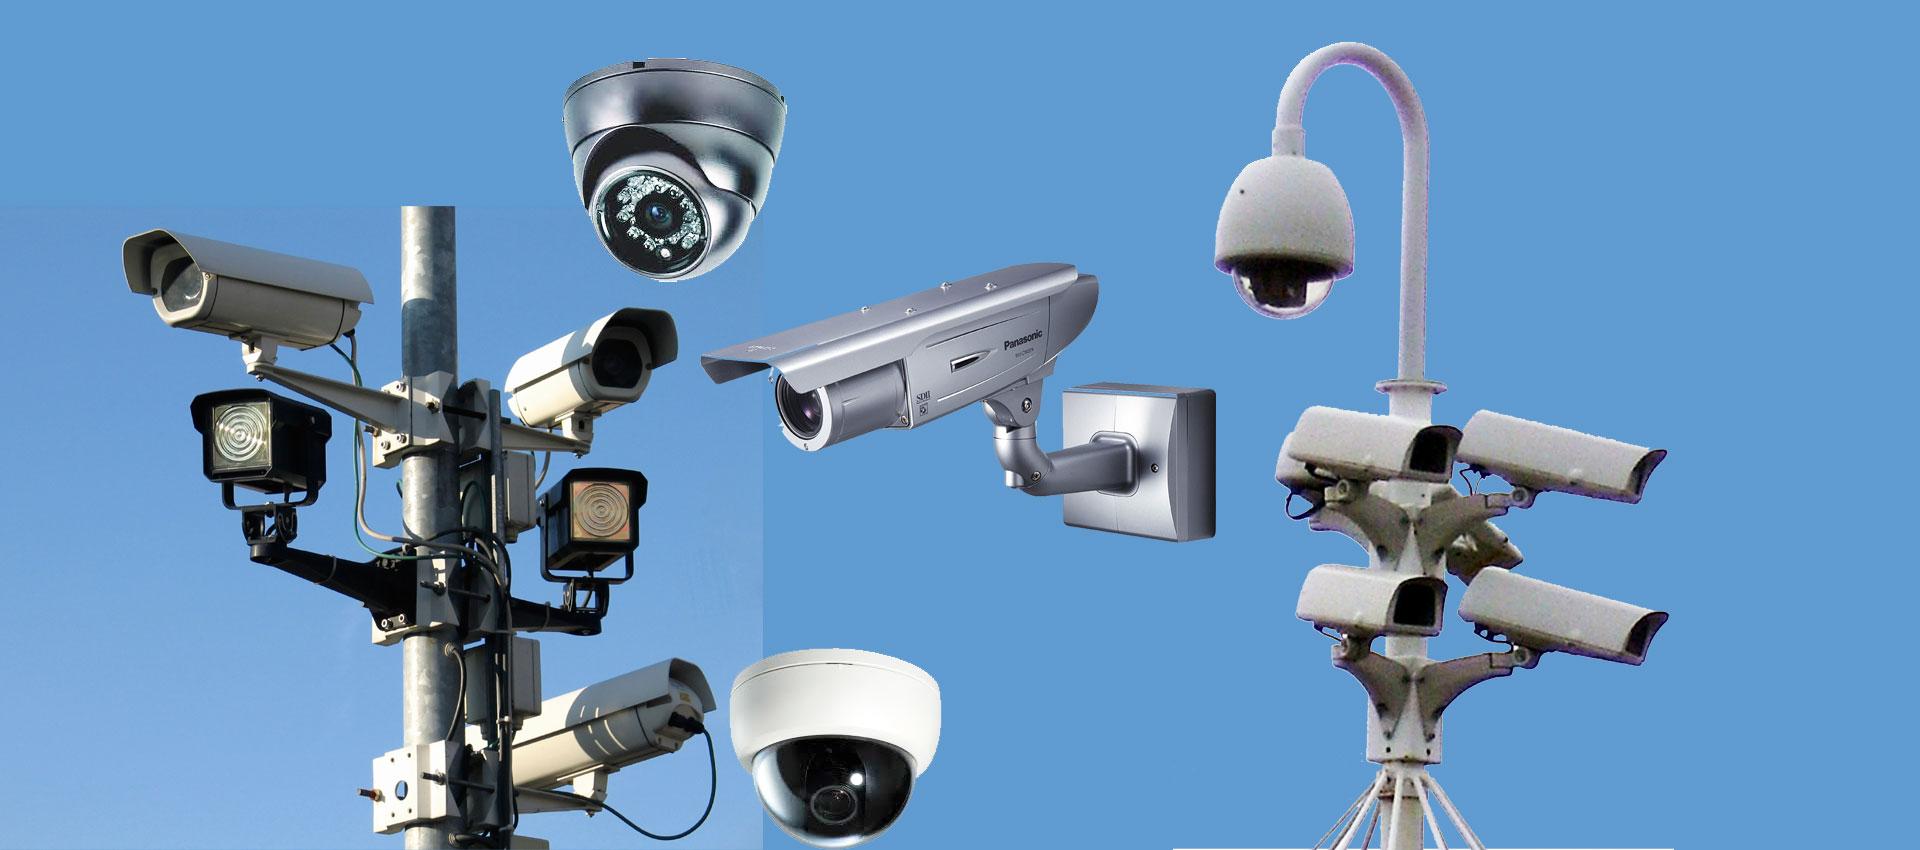 Программа для просмотра ip камер разных производителей